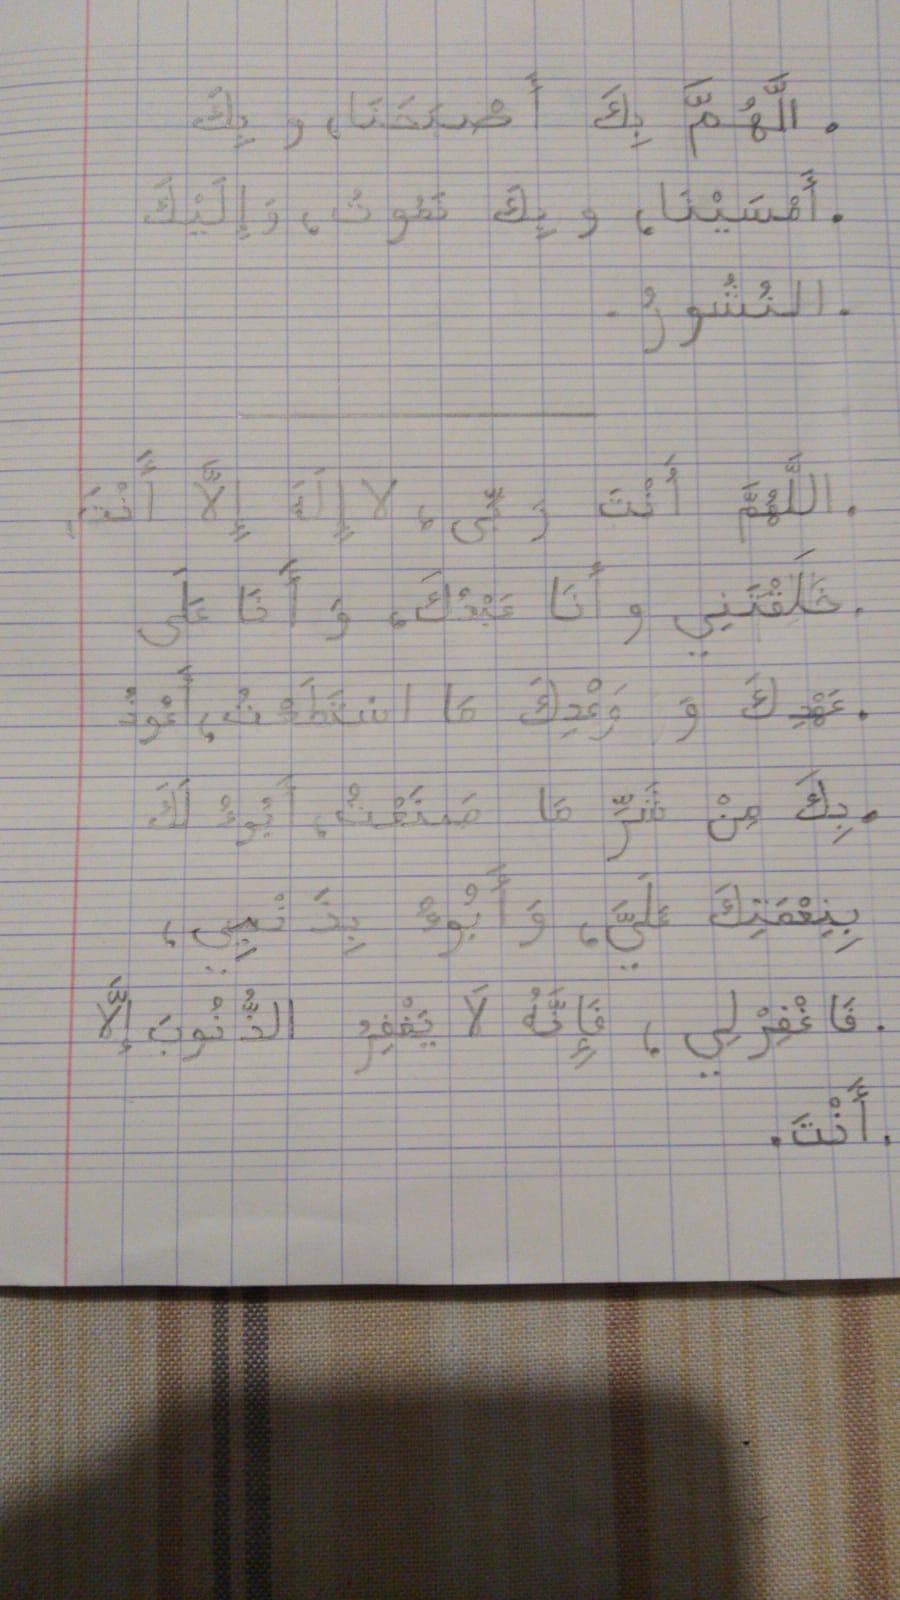 khadidja2011 213